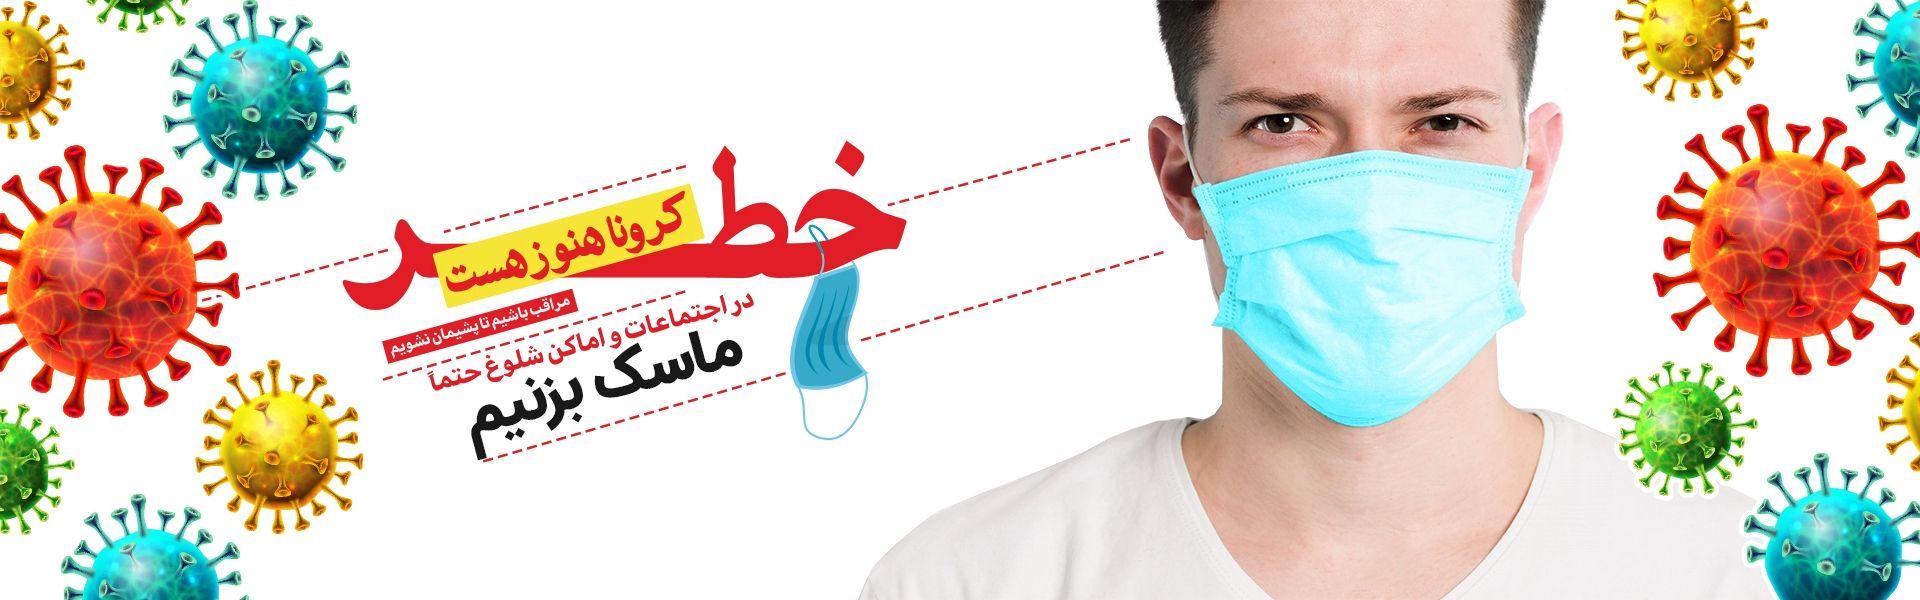 کرونا در کمین است، استفاده از ماسک را فراموش نکنیم.